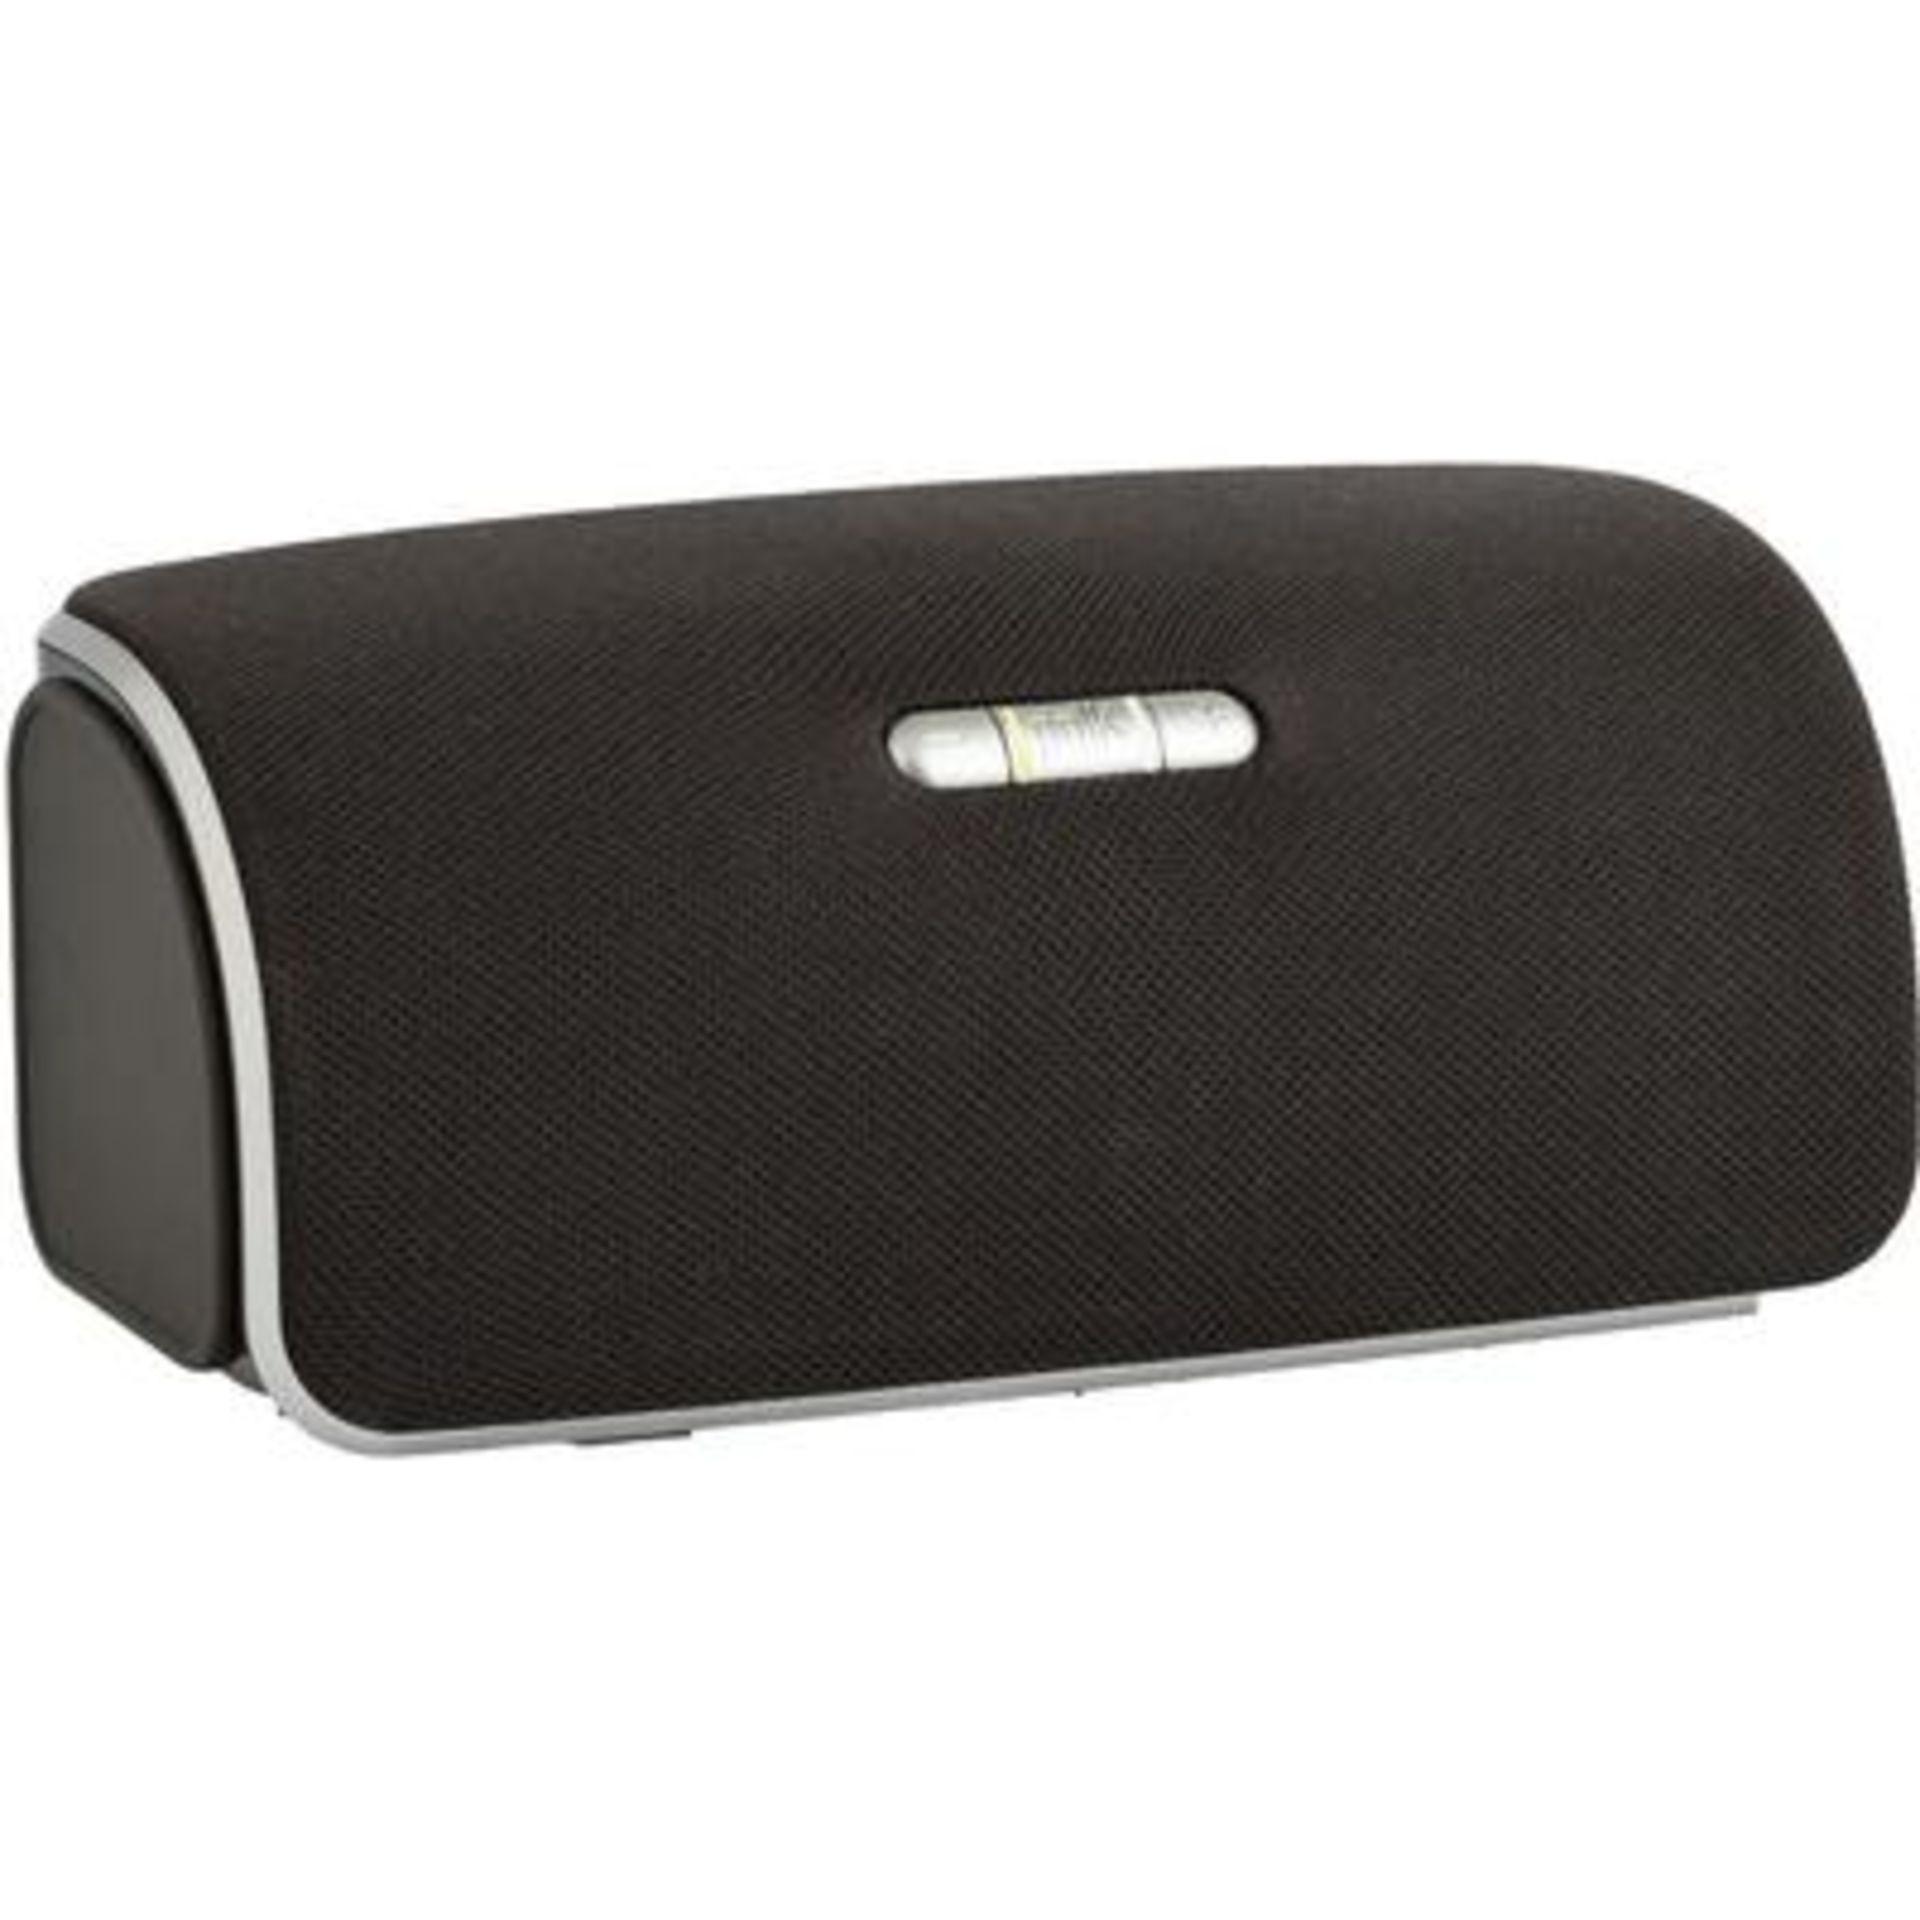 Lot 10056 - + VAT Grade A/B Polk Omni S2 Wireless Multi-Room Wireless Speaker - ISP £159.00 (CyberMarket) - Up